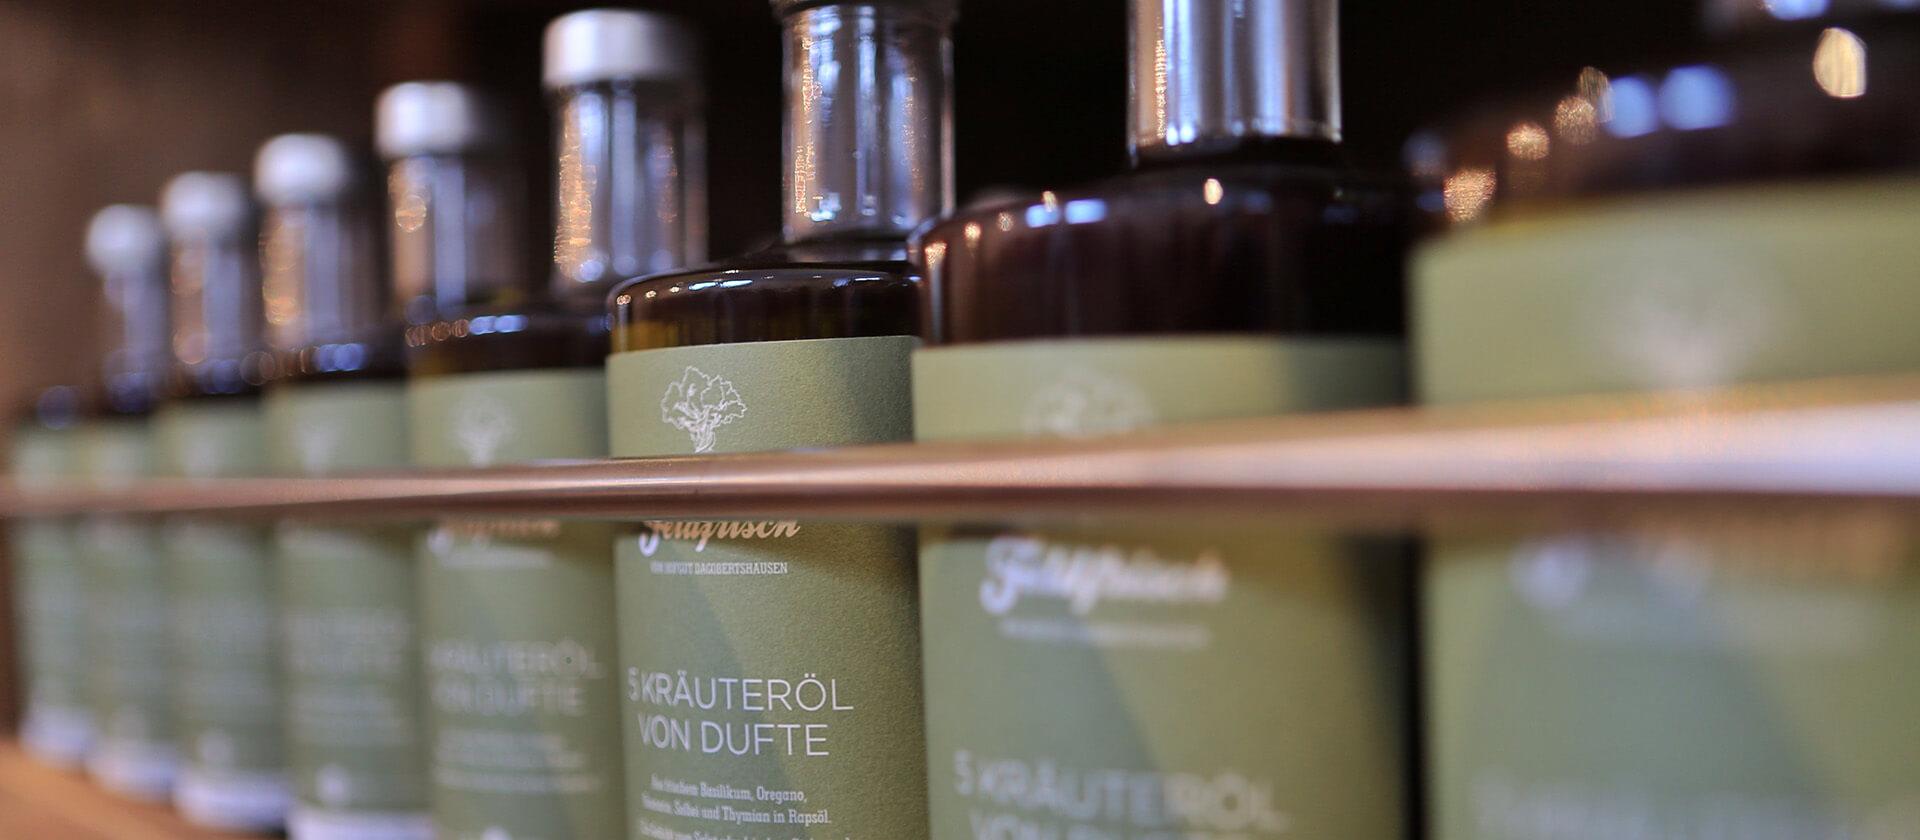 Feldfrisch & Fein Produkte im Hofladen des Hofgut Dagobertshausen